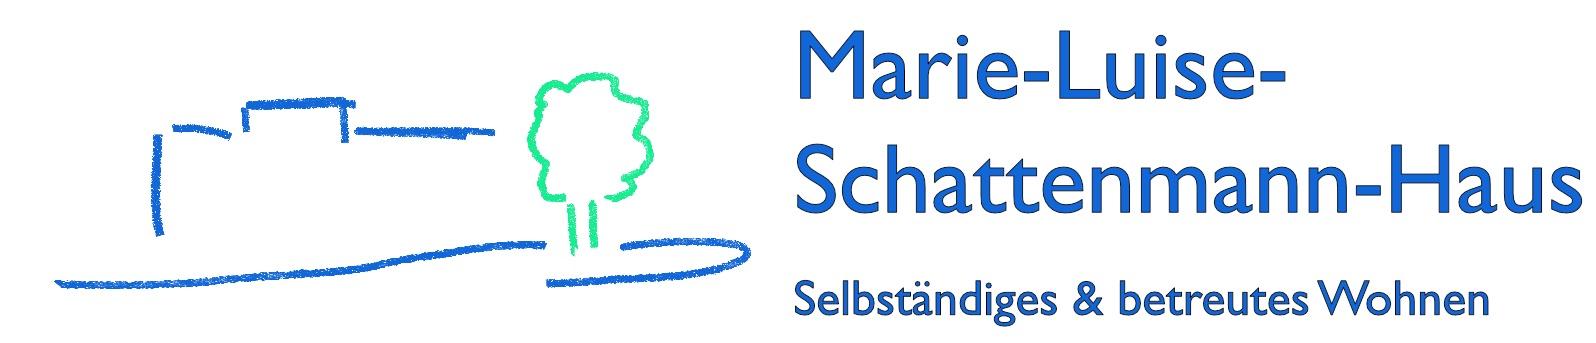 Marie-Luise-Schattenmann-Haus